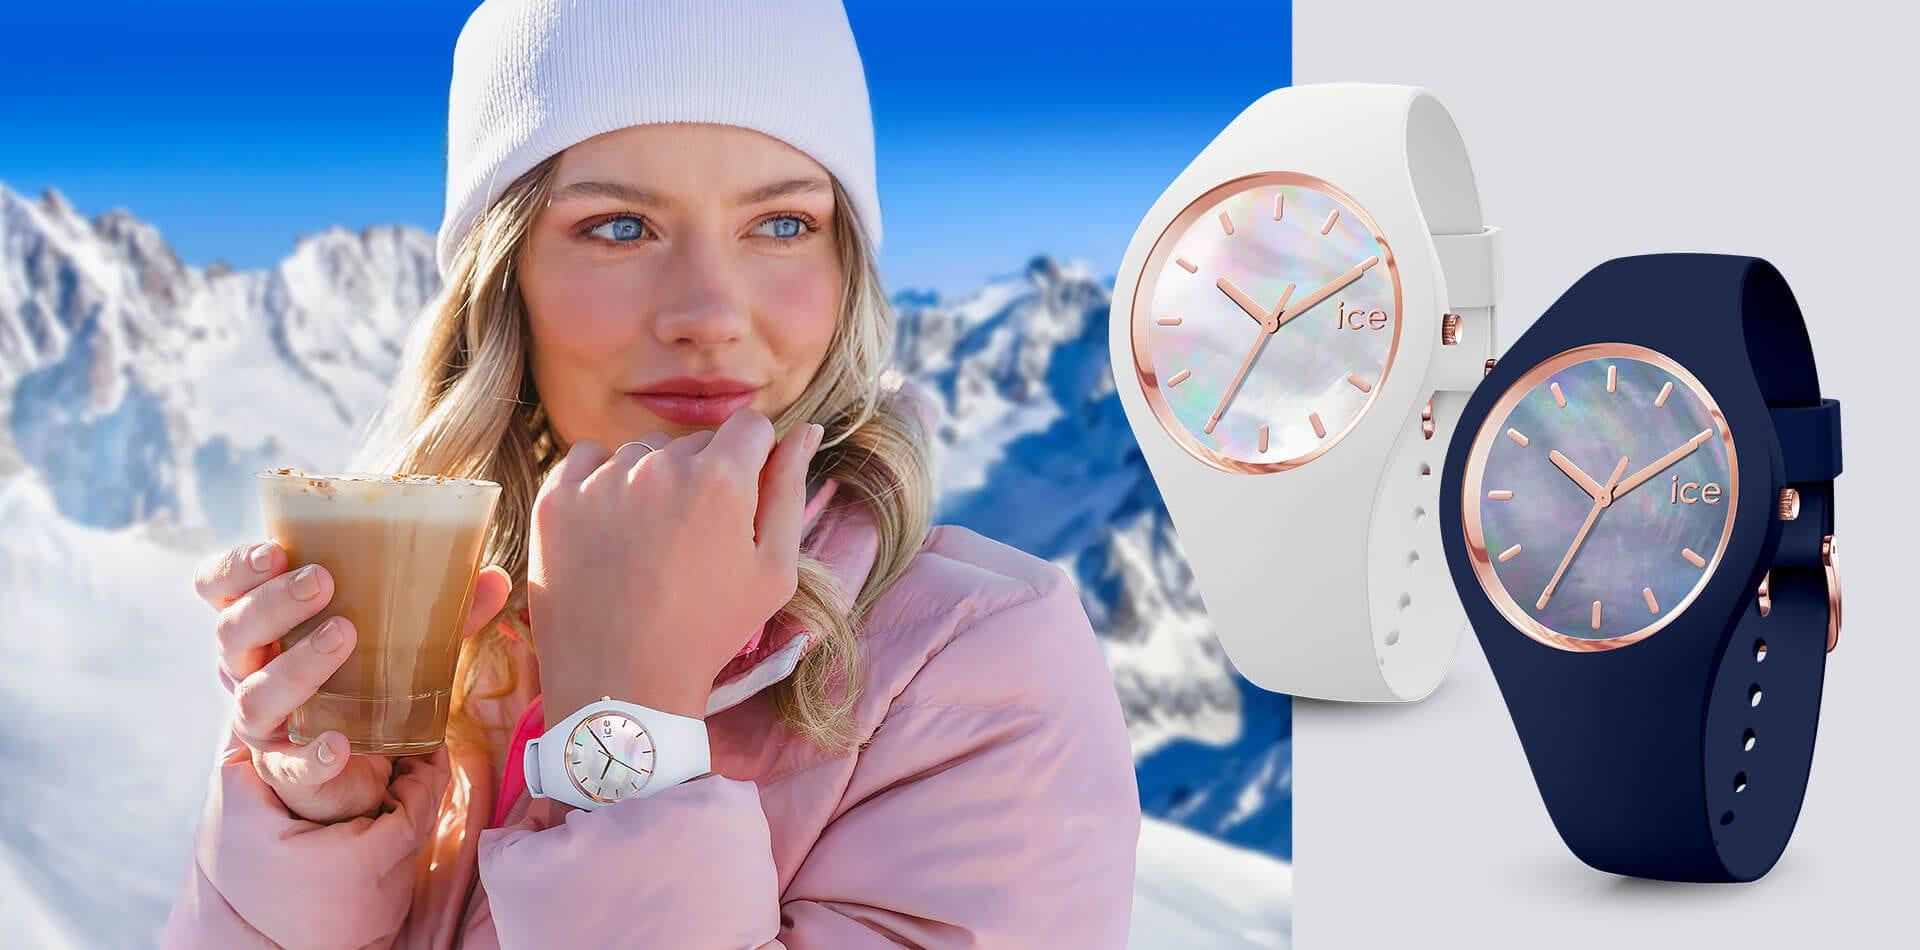 Schneider Schmuck - Agentur, Distribution & Großhandel für Uhren & Schmuck in Österreich - Ice Watch